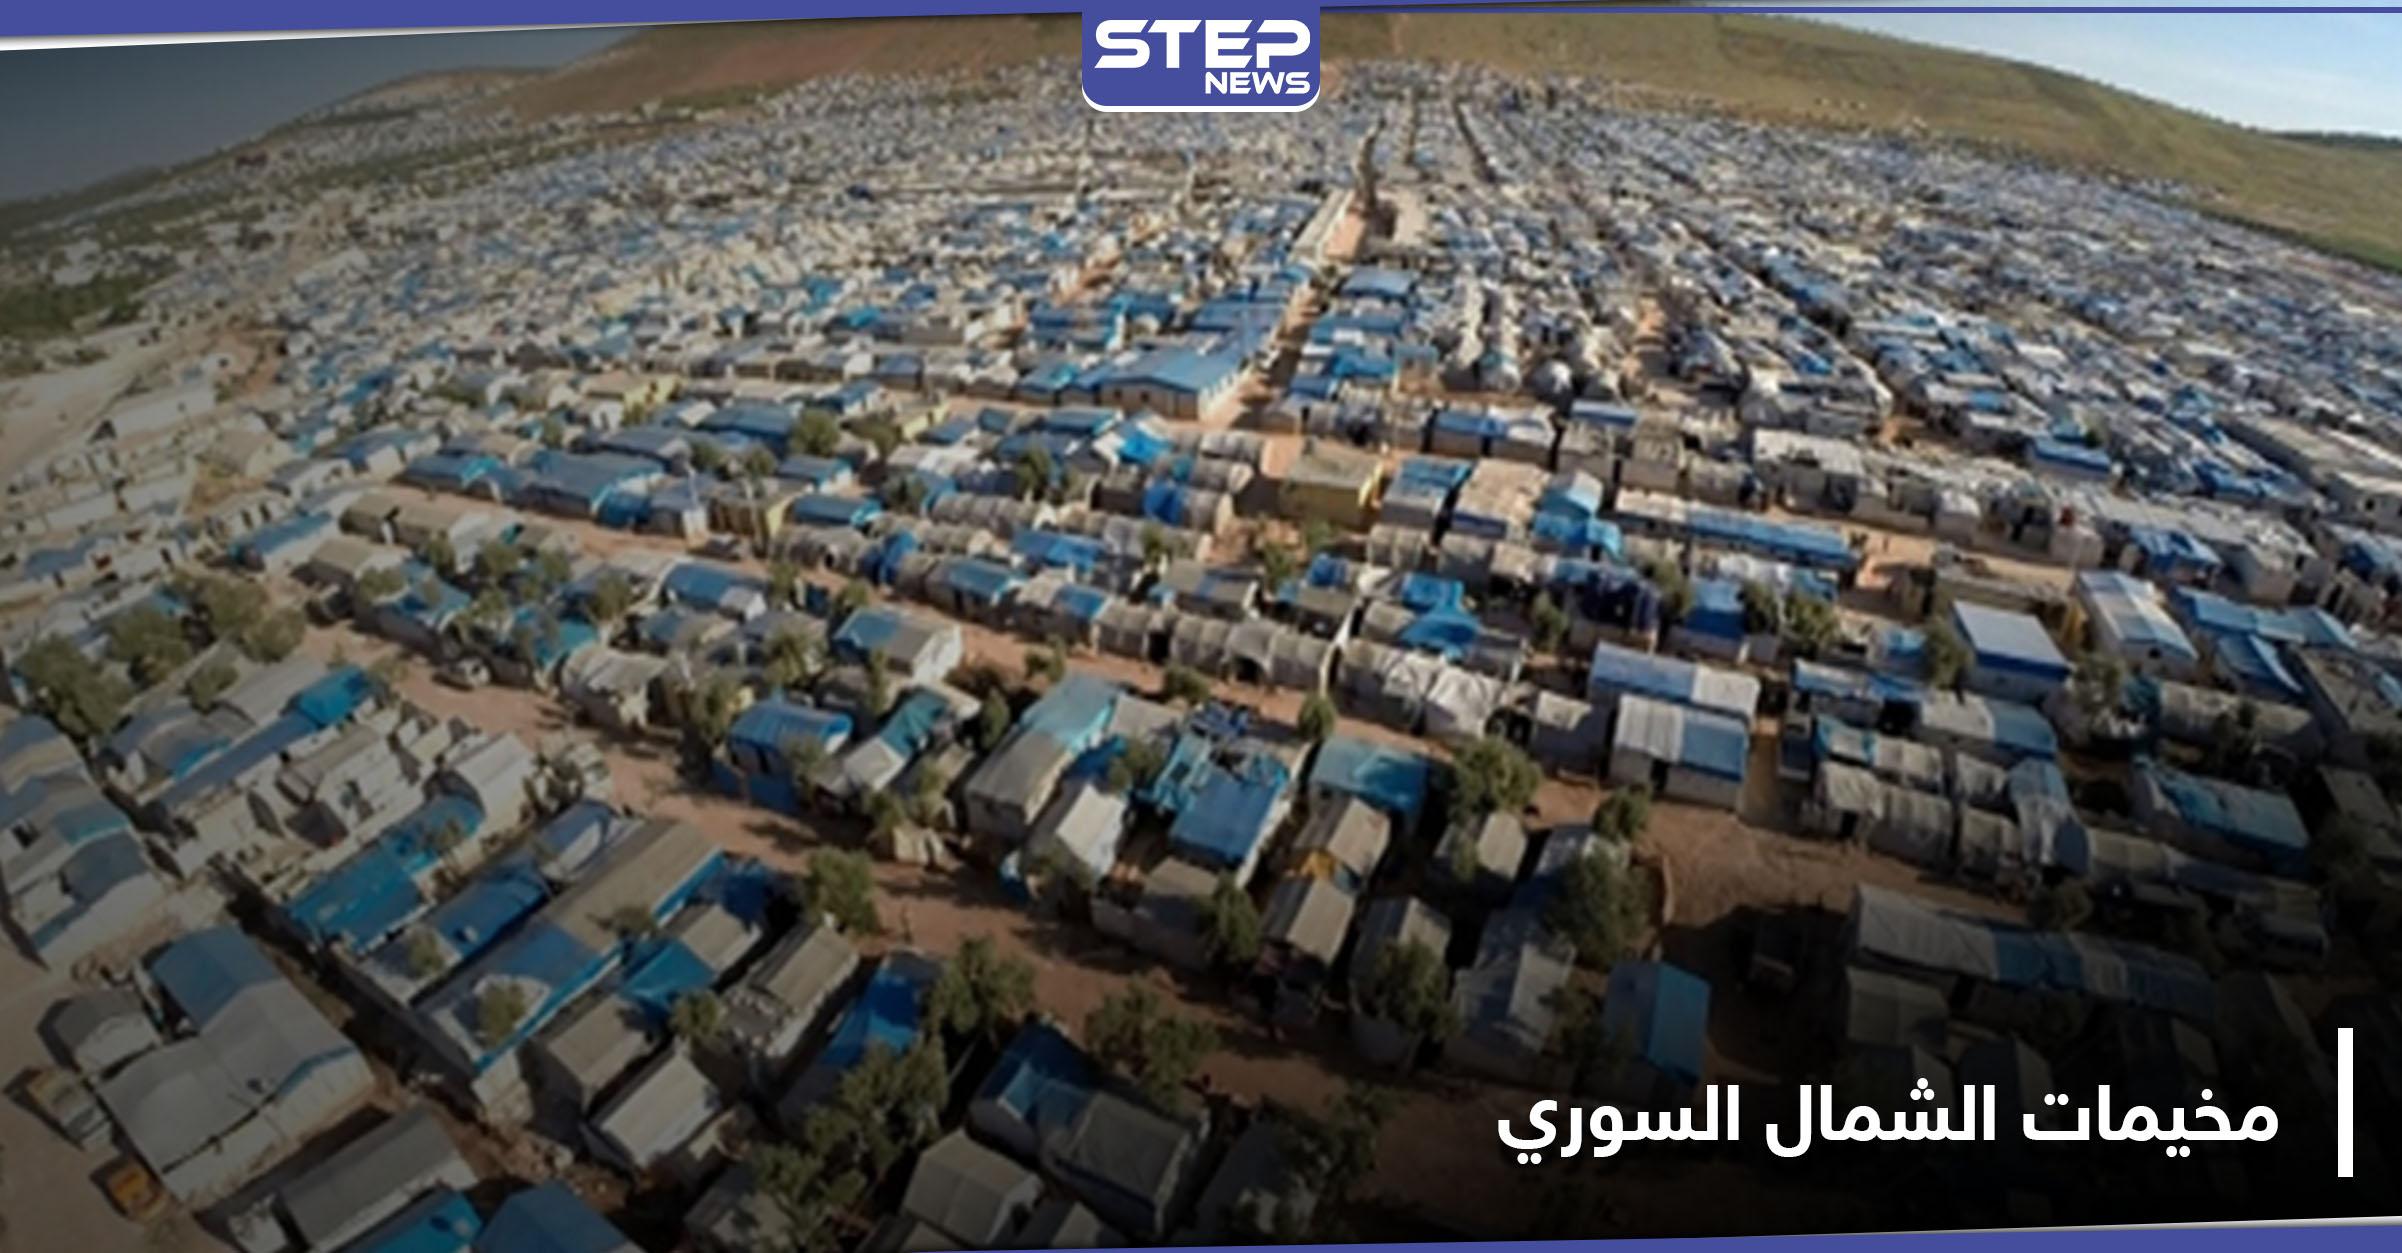 سقوط عجوز مغمى على الأرض من حرارة الشمس في مخيمات الشمال السوري